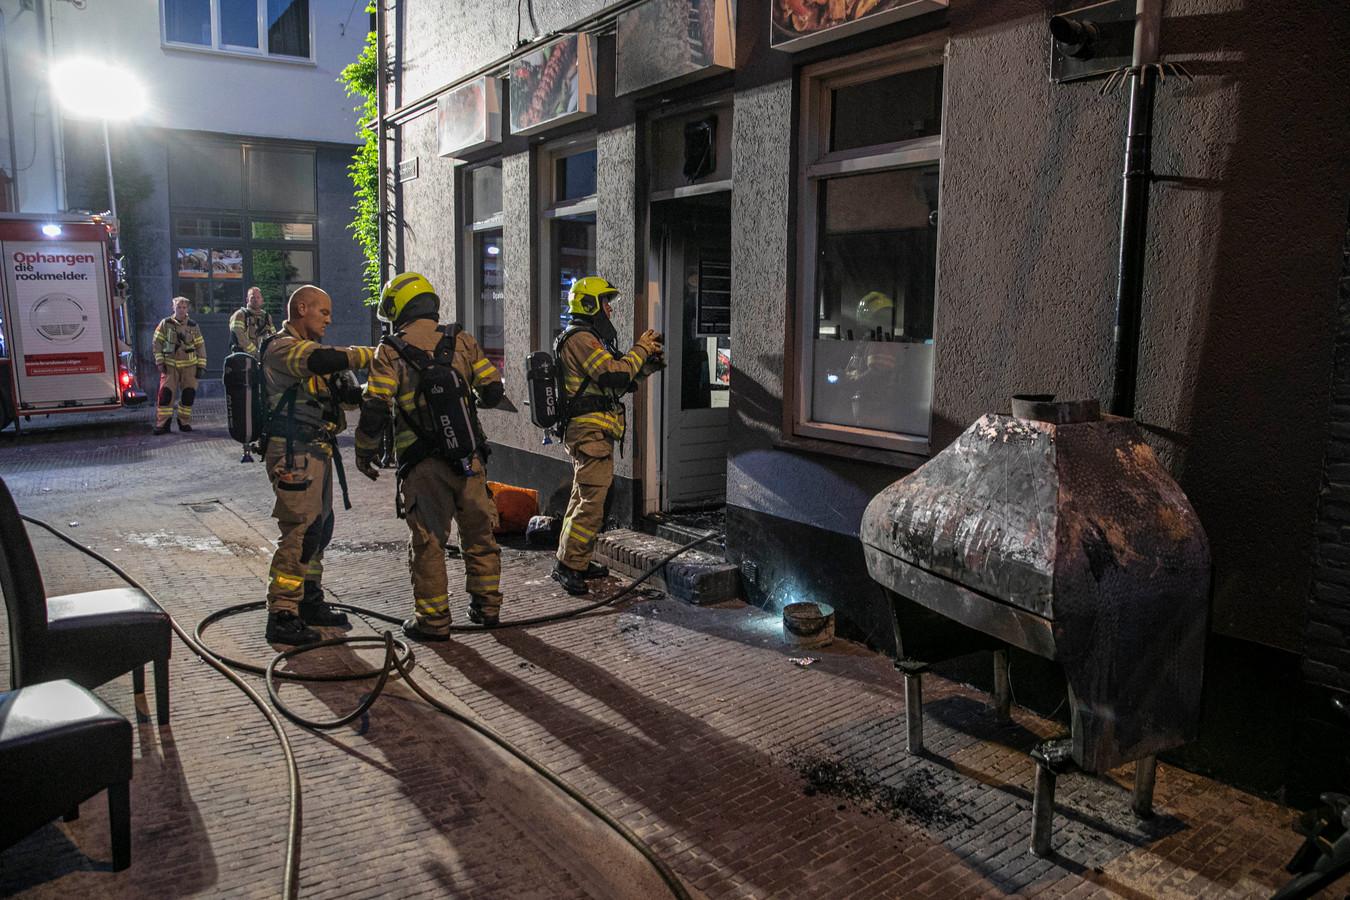 Bij Grillroom Mardin Oçakbasi aan de Hoogstraat in de binnenstad van Arnhem heeft vrijdag vroeg in de ochtend een flinke brand gewoed